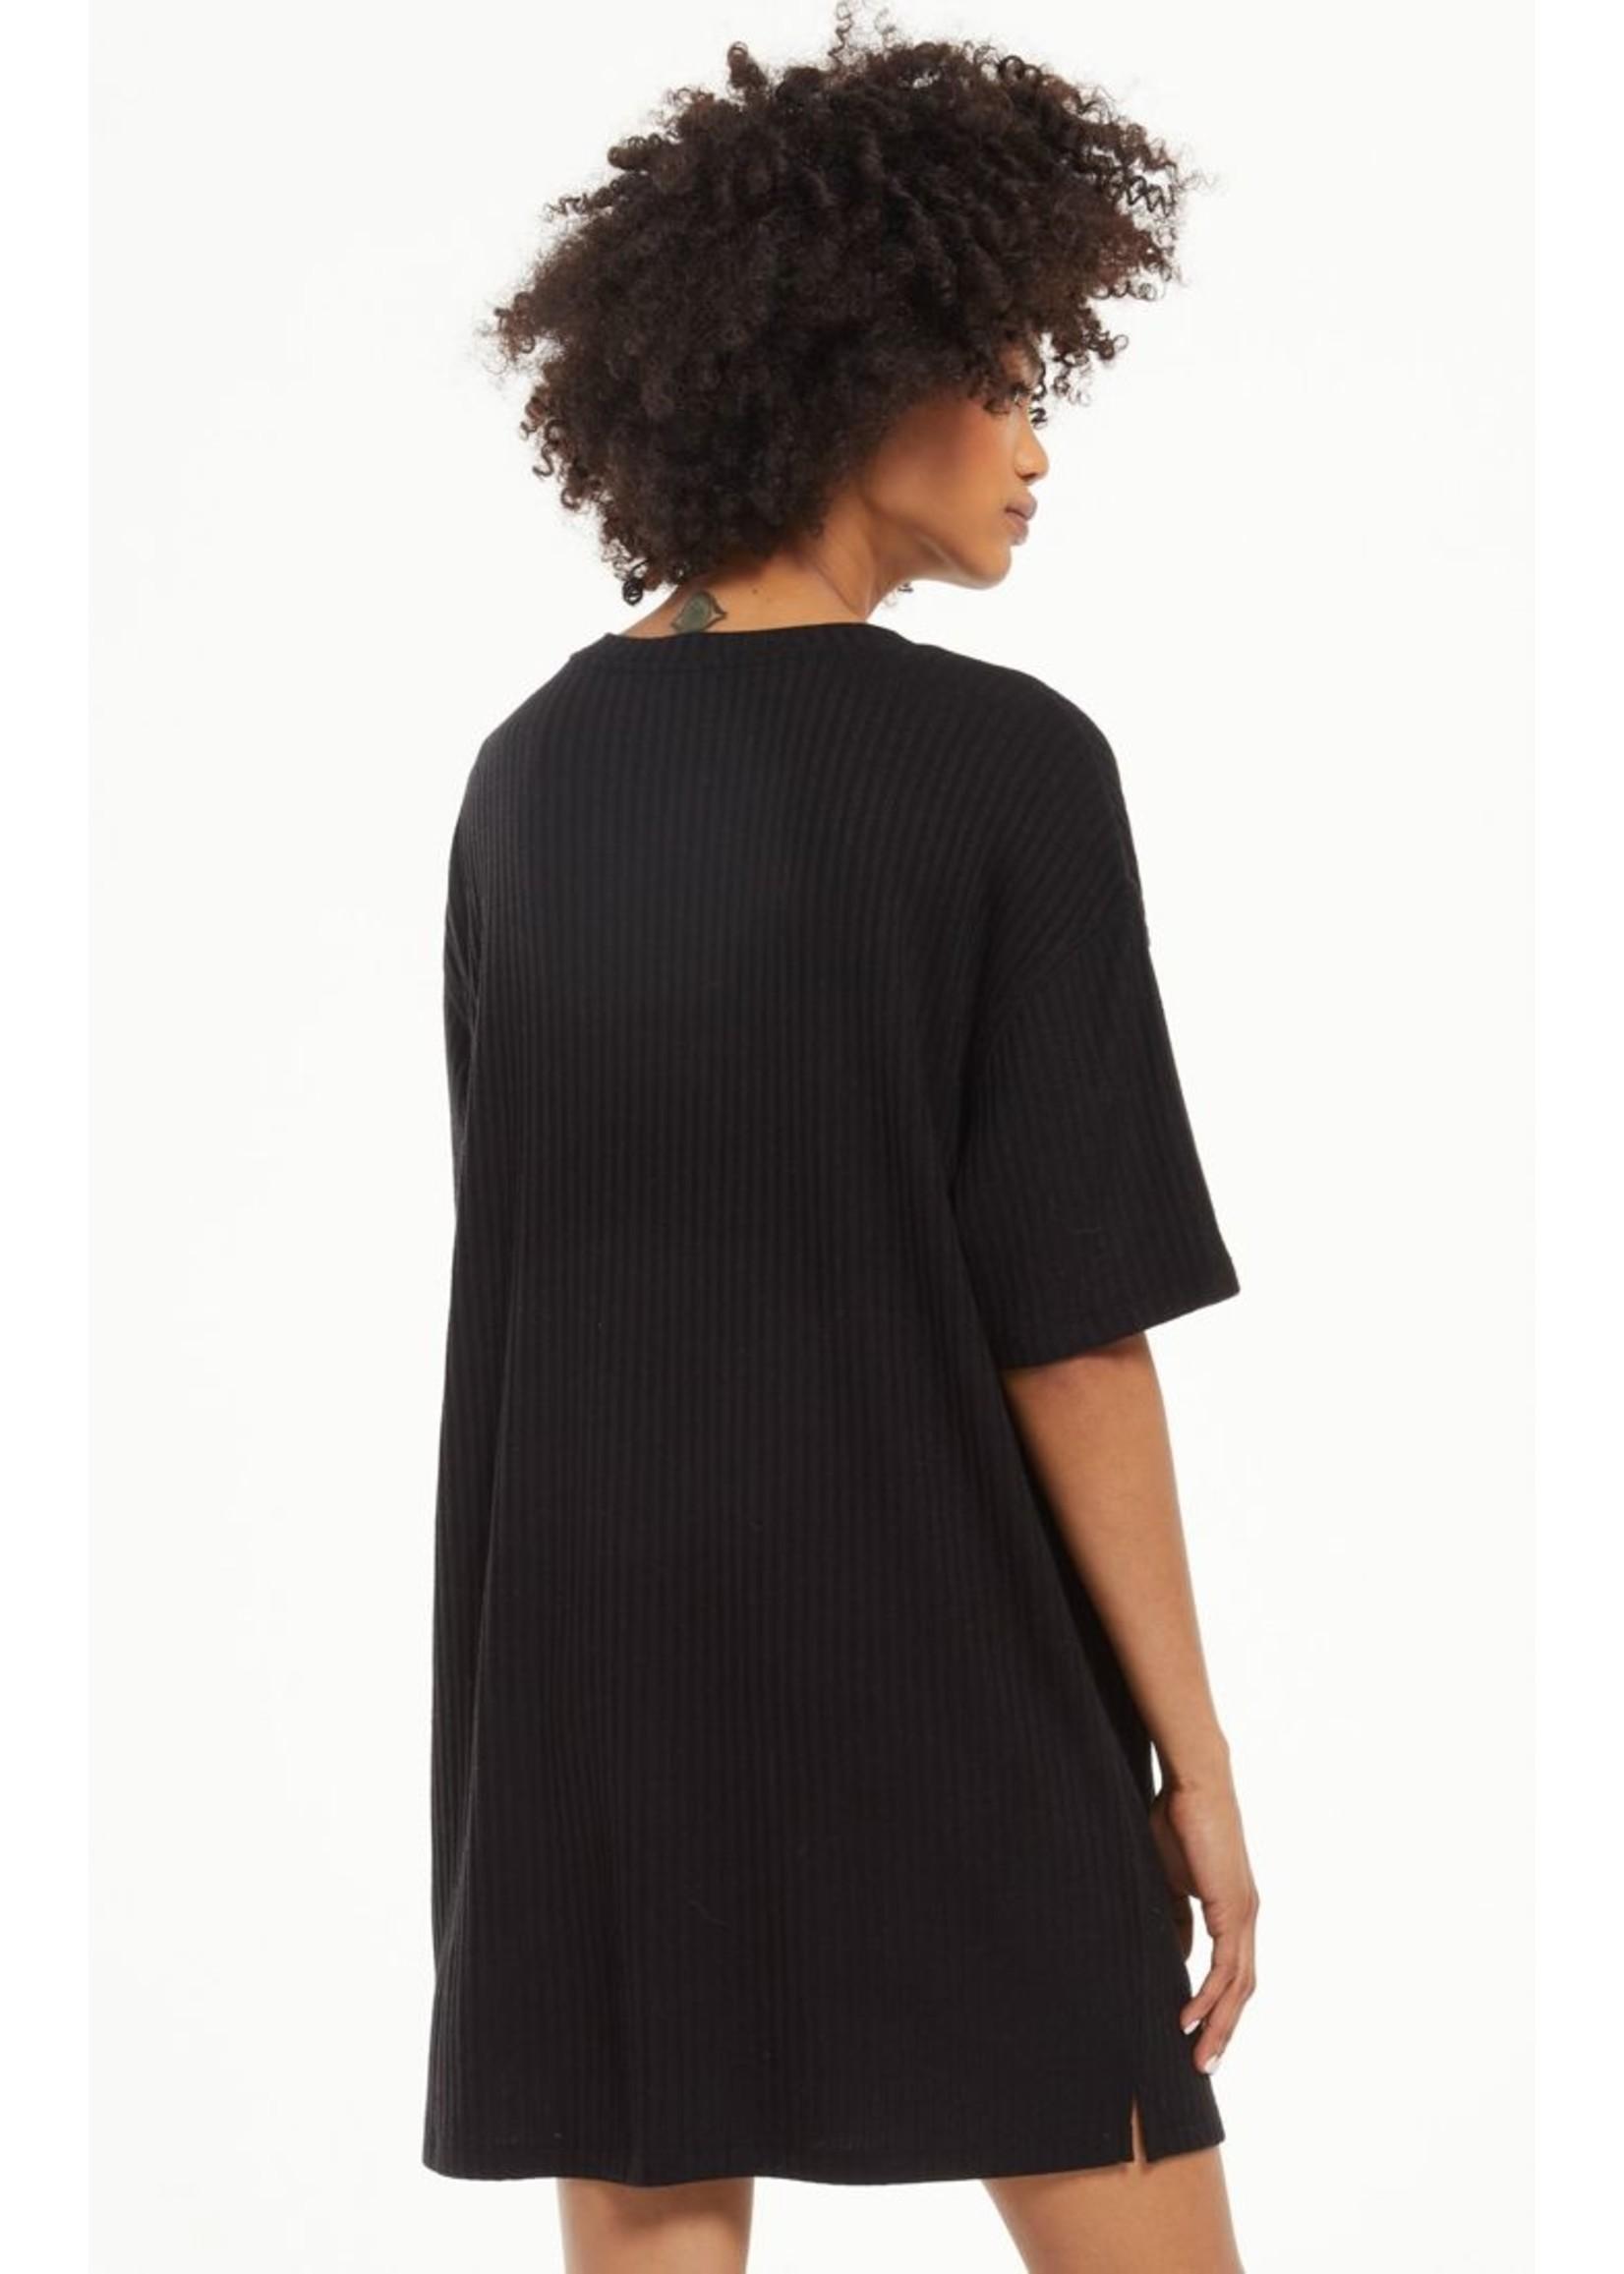 Z Supply Denny Rib Dress